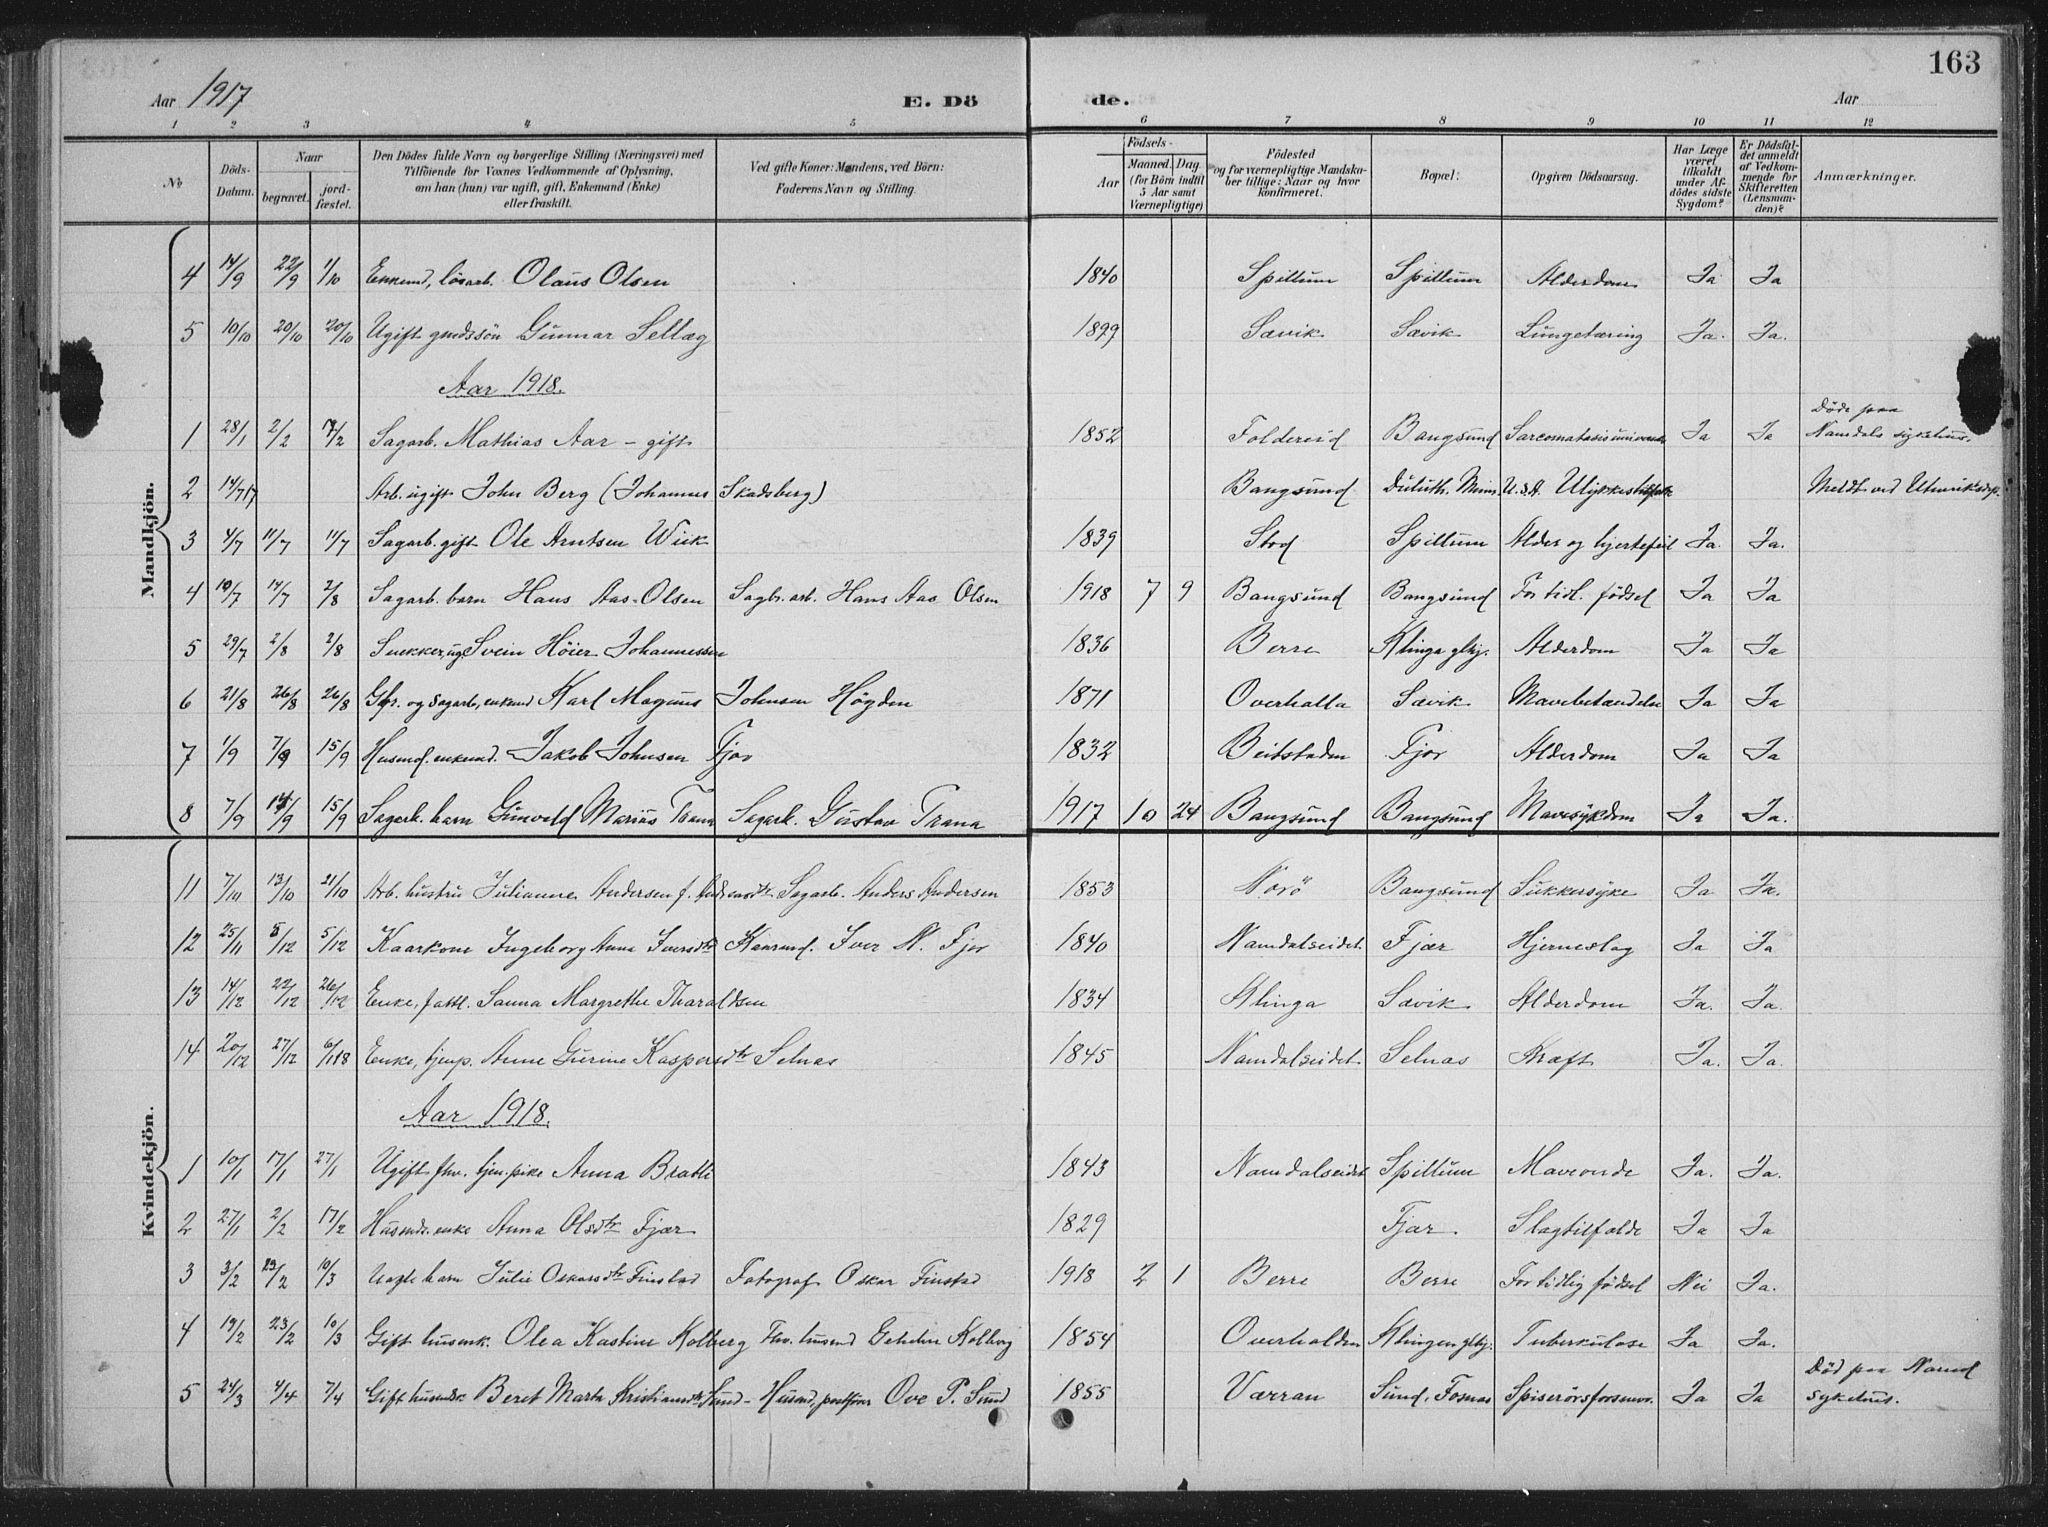 SAT, Ministerialprotokoller, klokkerbøker og fødselsregistre - Nord-Trøndelag, 770/L0591: Klokkerbok nr. 770C02, 1902-1940, s. 163